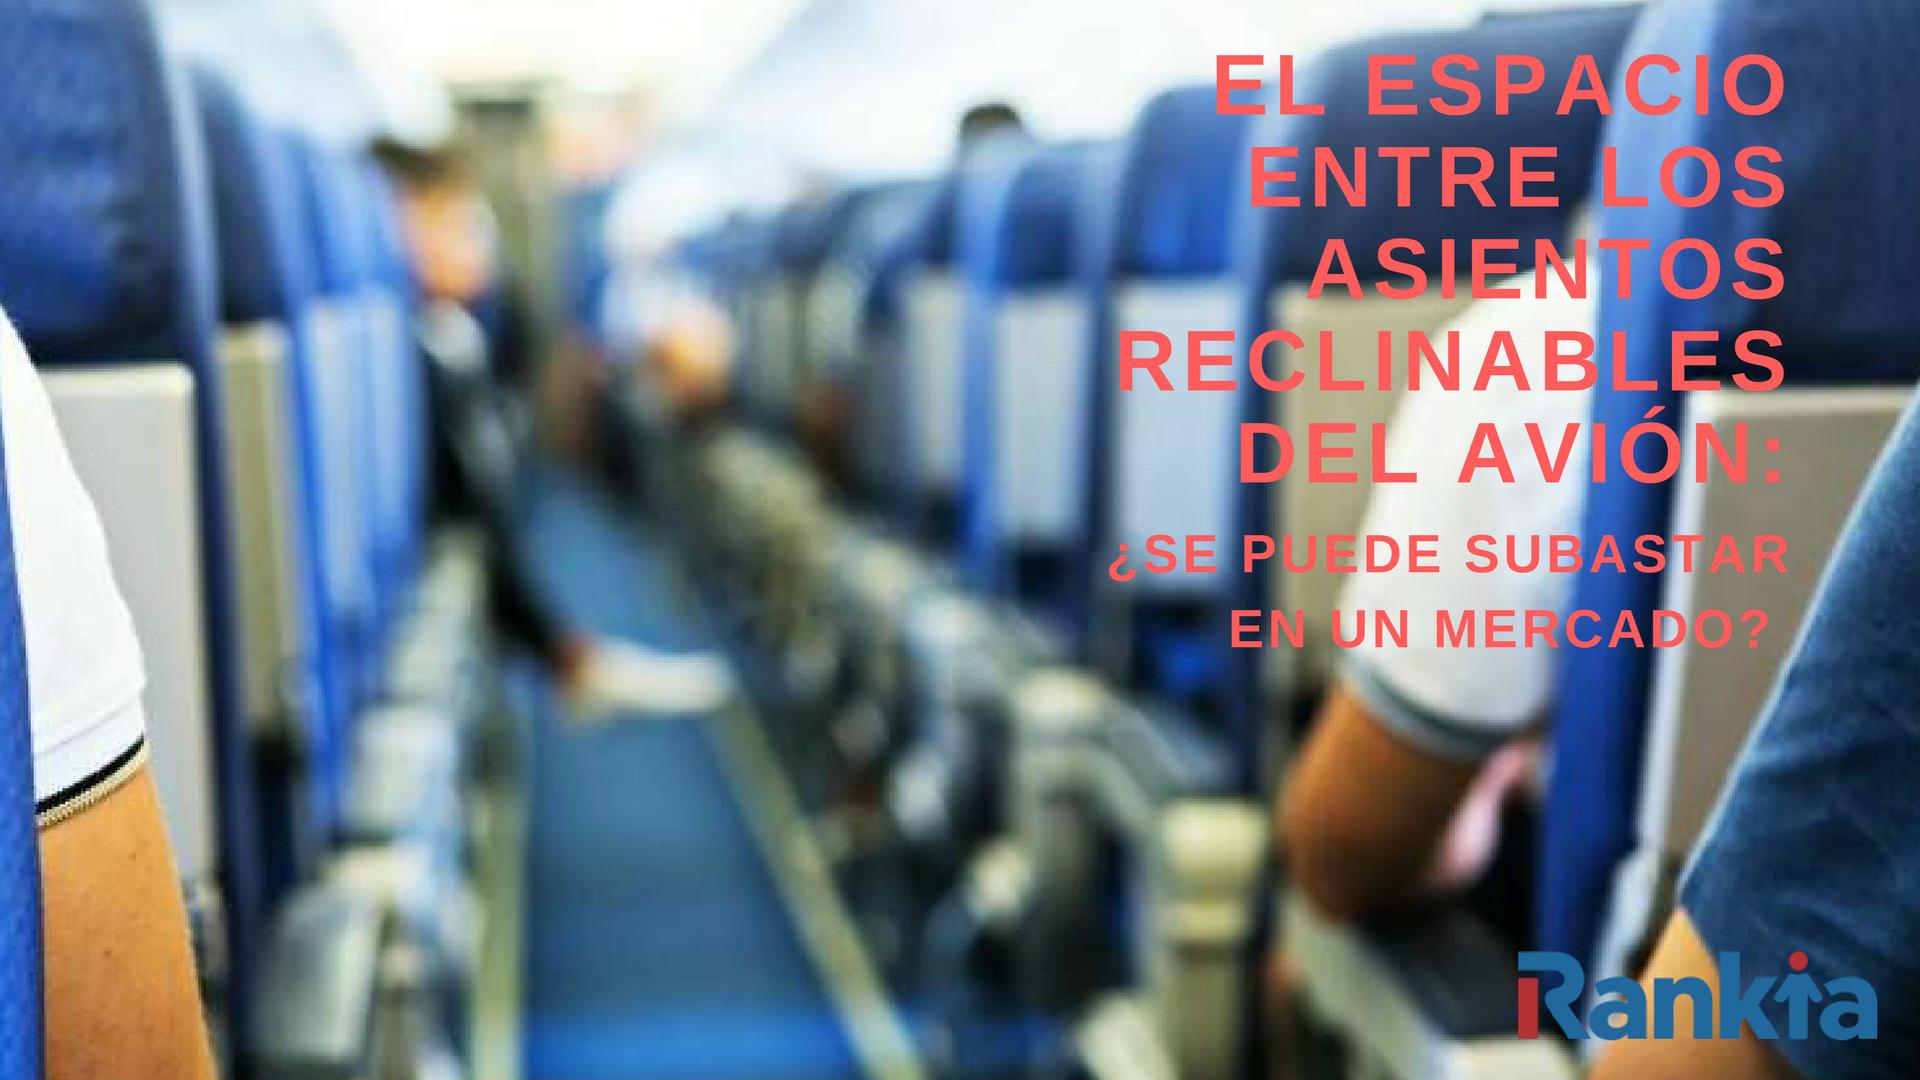 El espacio entre los asientos reclinables del avión: ¿Se puede subastar en un mercado?